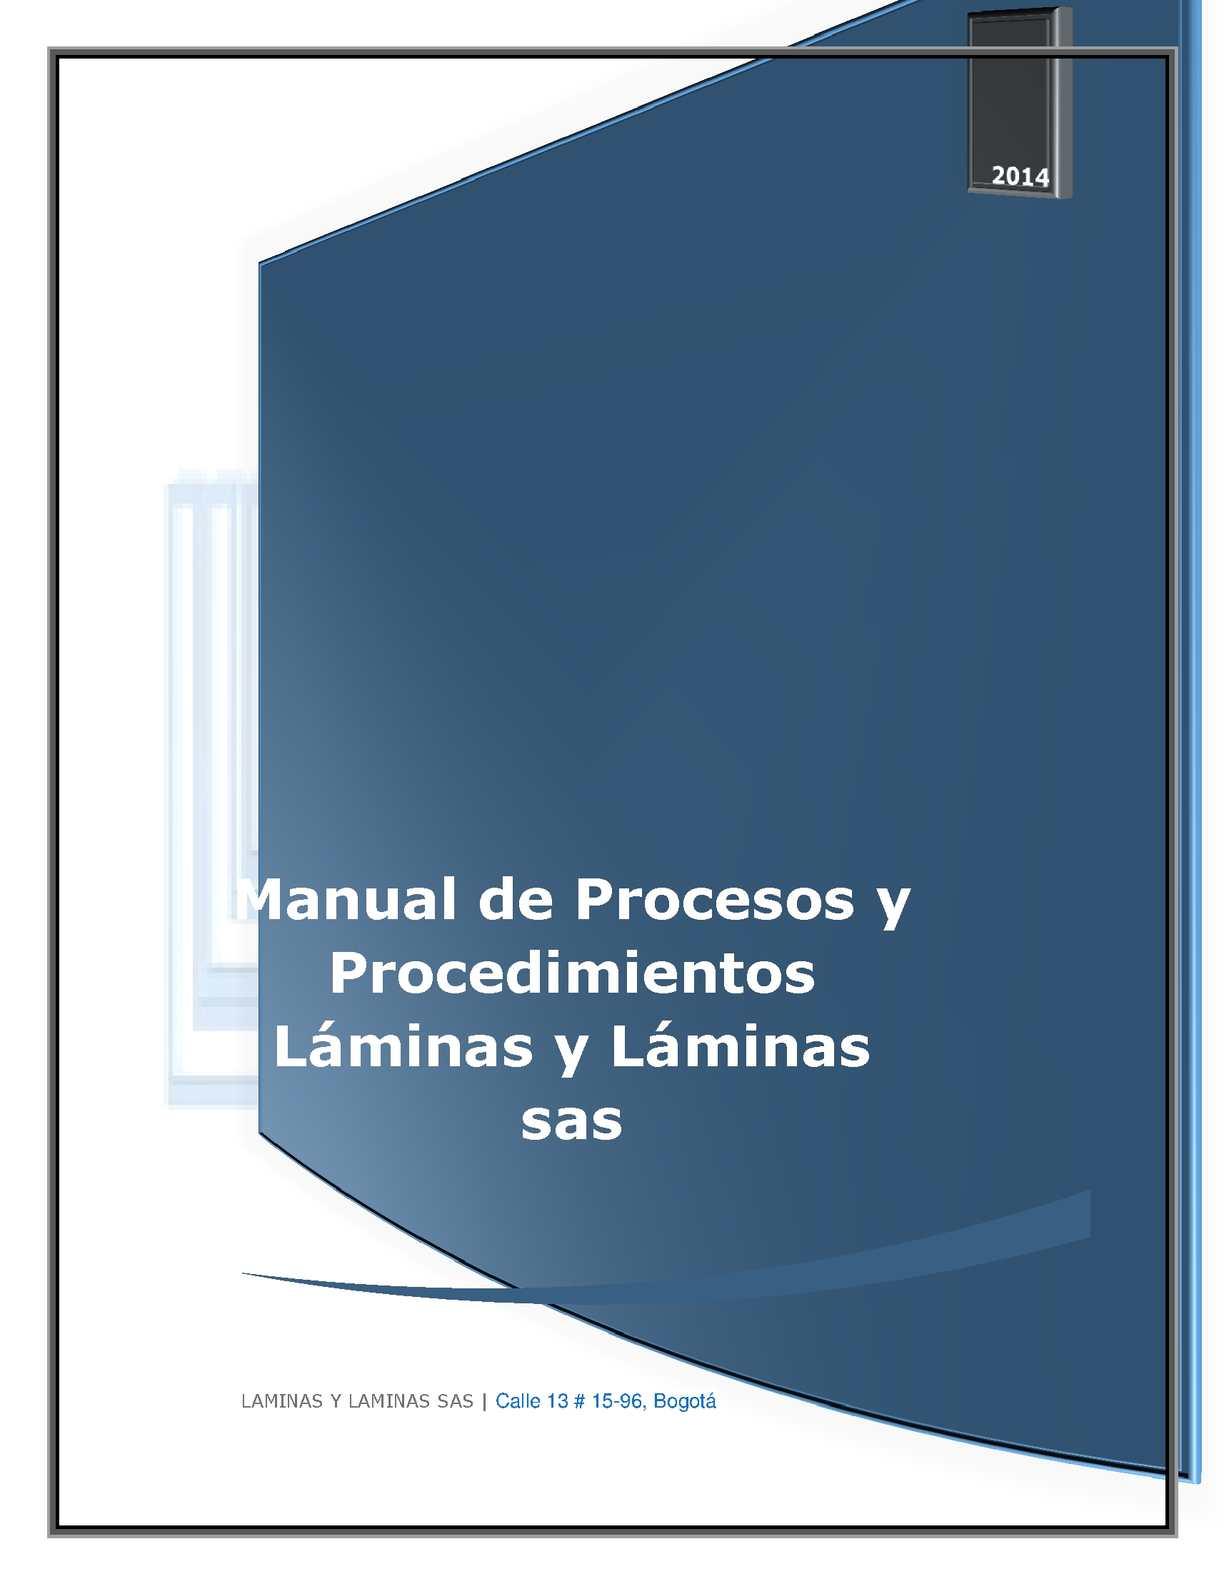 Calaméo - MANUAL DE PROCESOS Y PROCEDIMIENTOS LAMINAS Y LAMINAS SAS